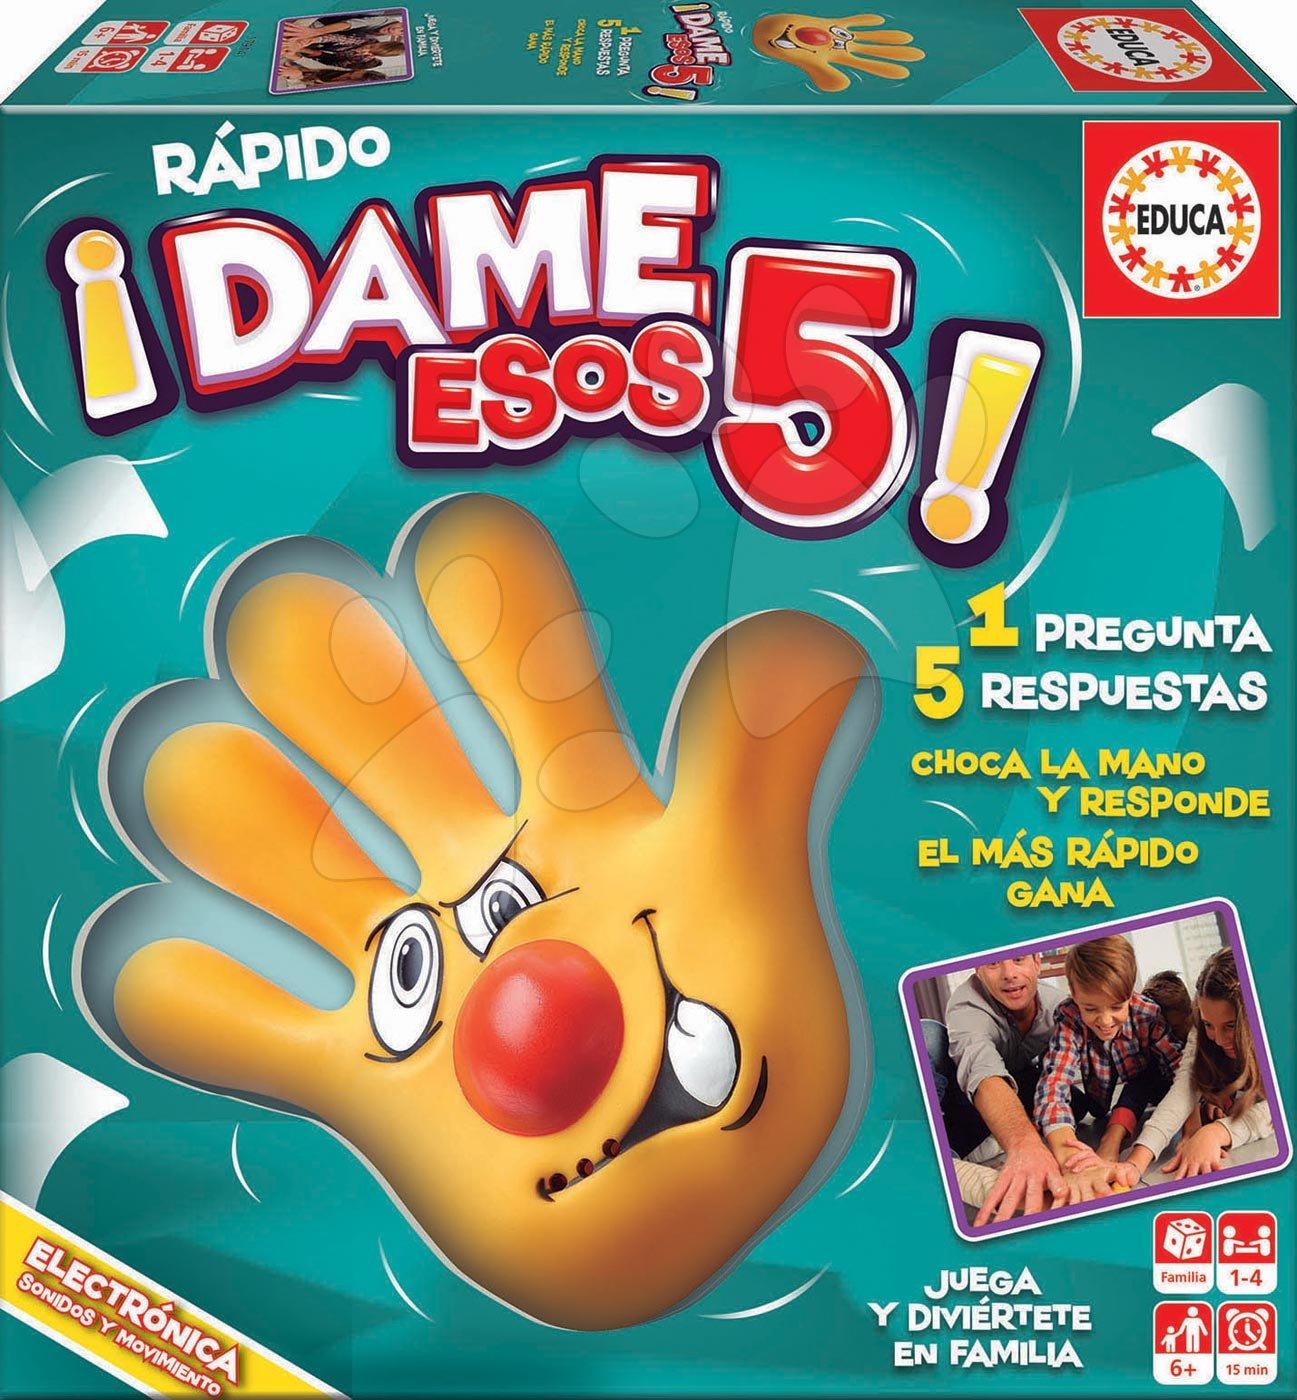 Spoločenská hra Rapido Dame Esos 5 Educa po španielsky pre 1-4 hráčov od 6 rokov